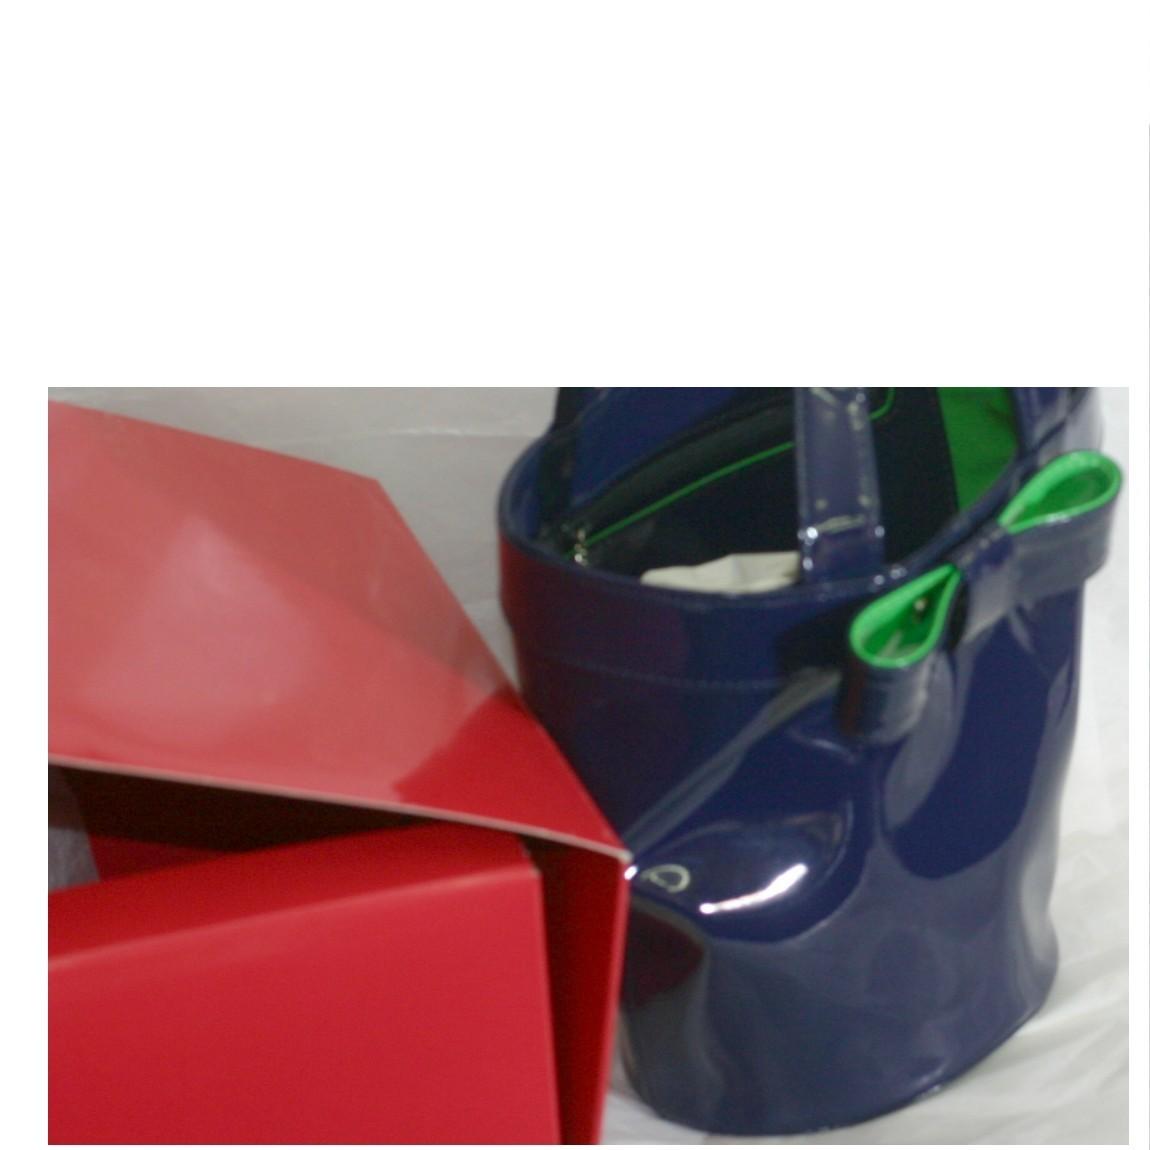 【中古】本物新品未使用キタムラ女性用綺麗な紺色エナメル素材のバケツ型可愛いサイズのトートバッグ